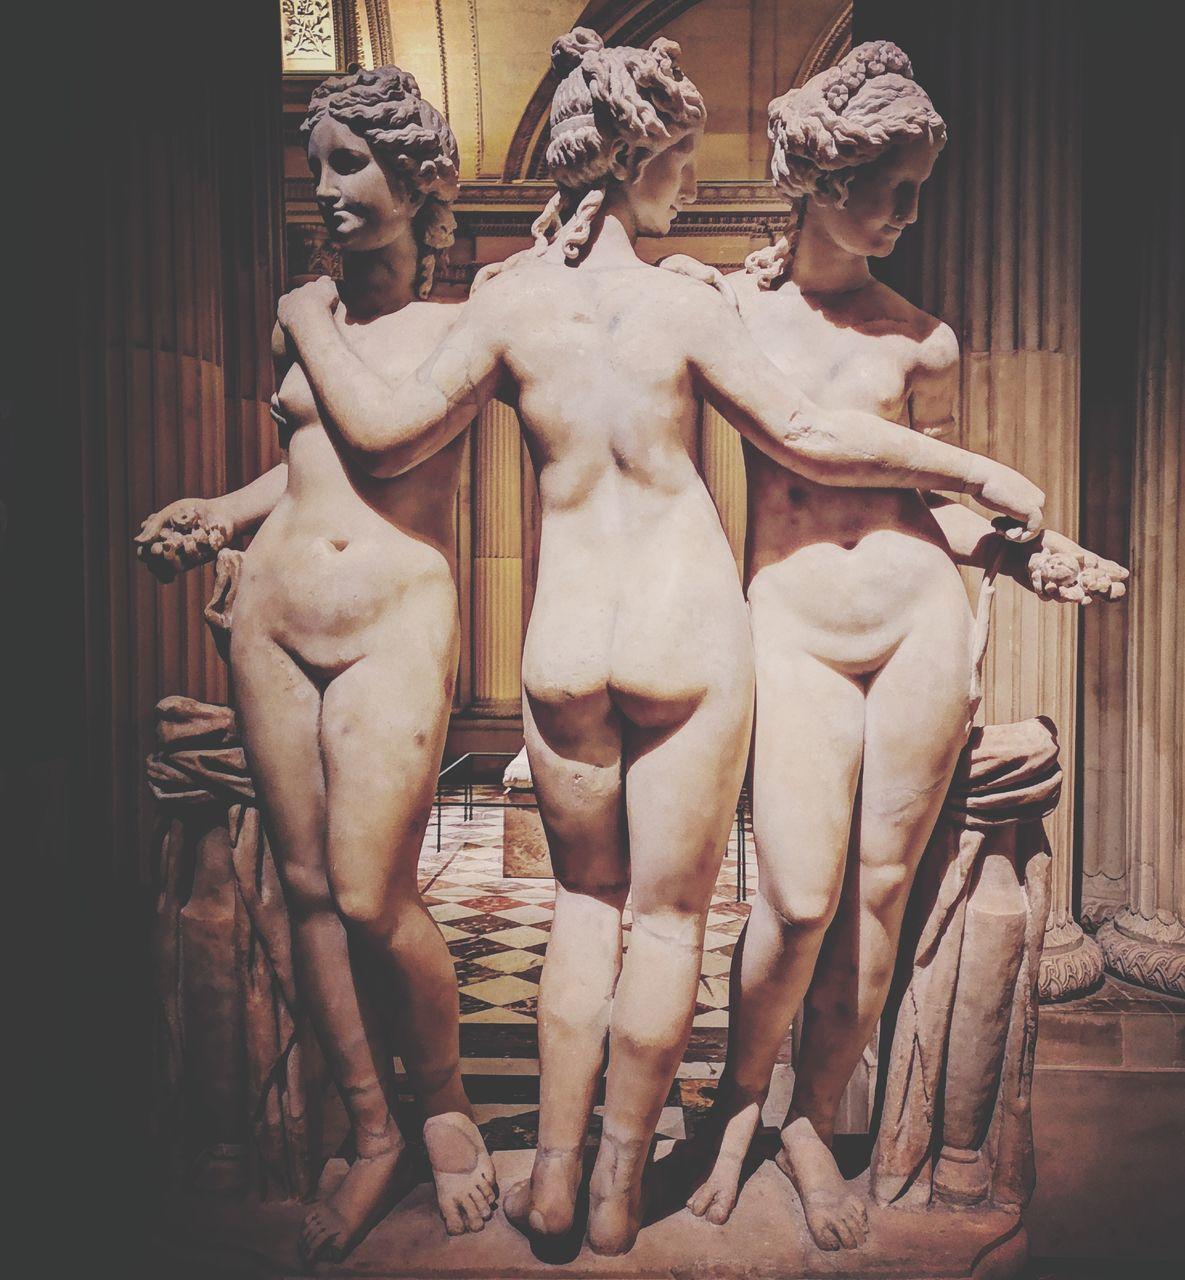 STATUE OF MUSEUM